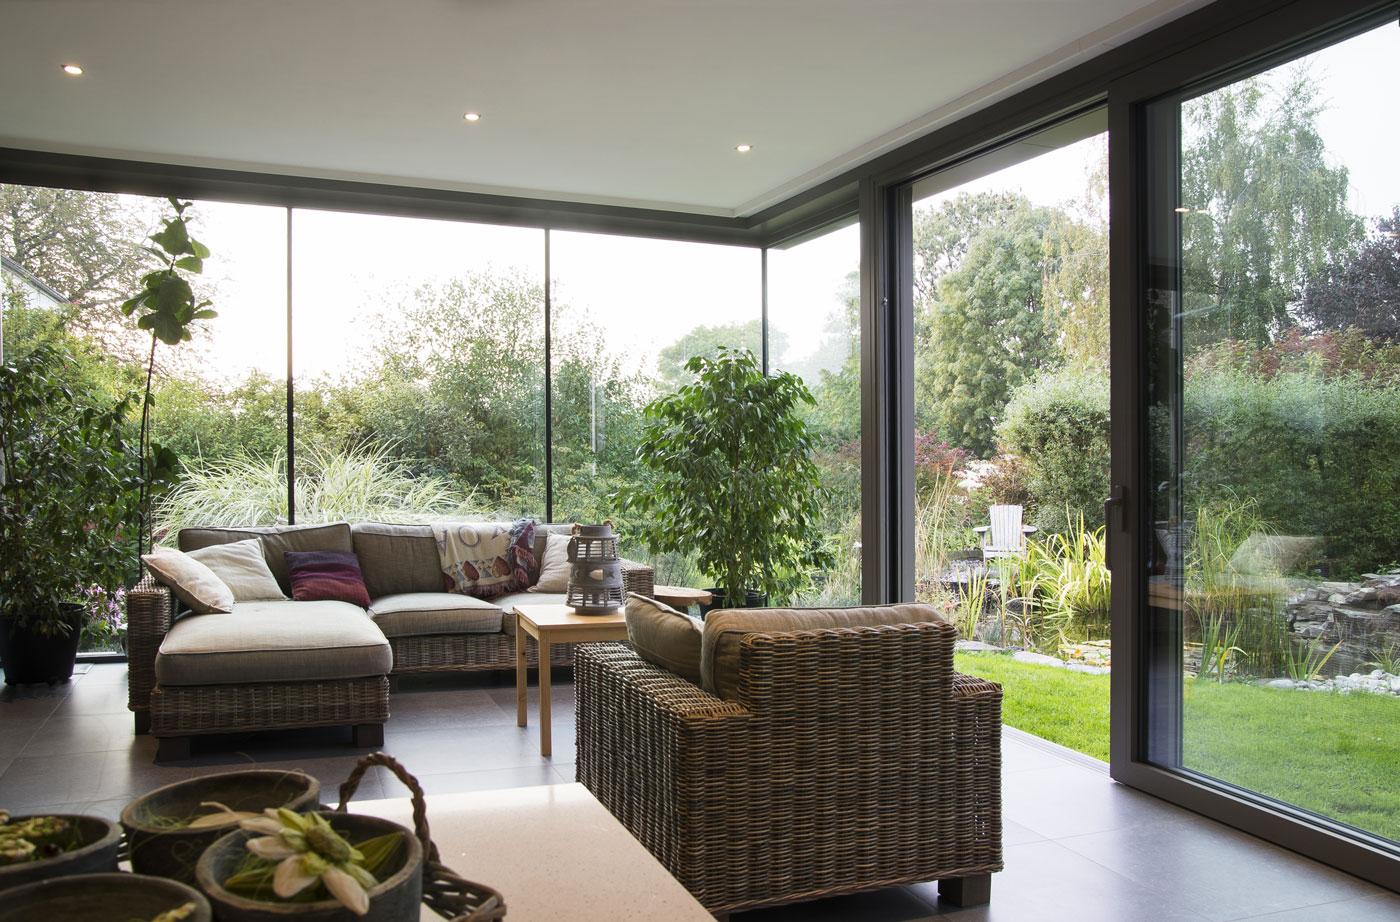 Giardini d inverno per impreziosire la tua casa in fissa per - Giardino d inverno normativa ...